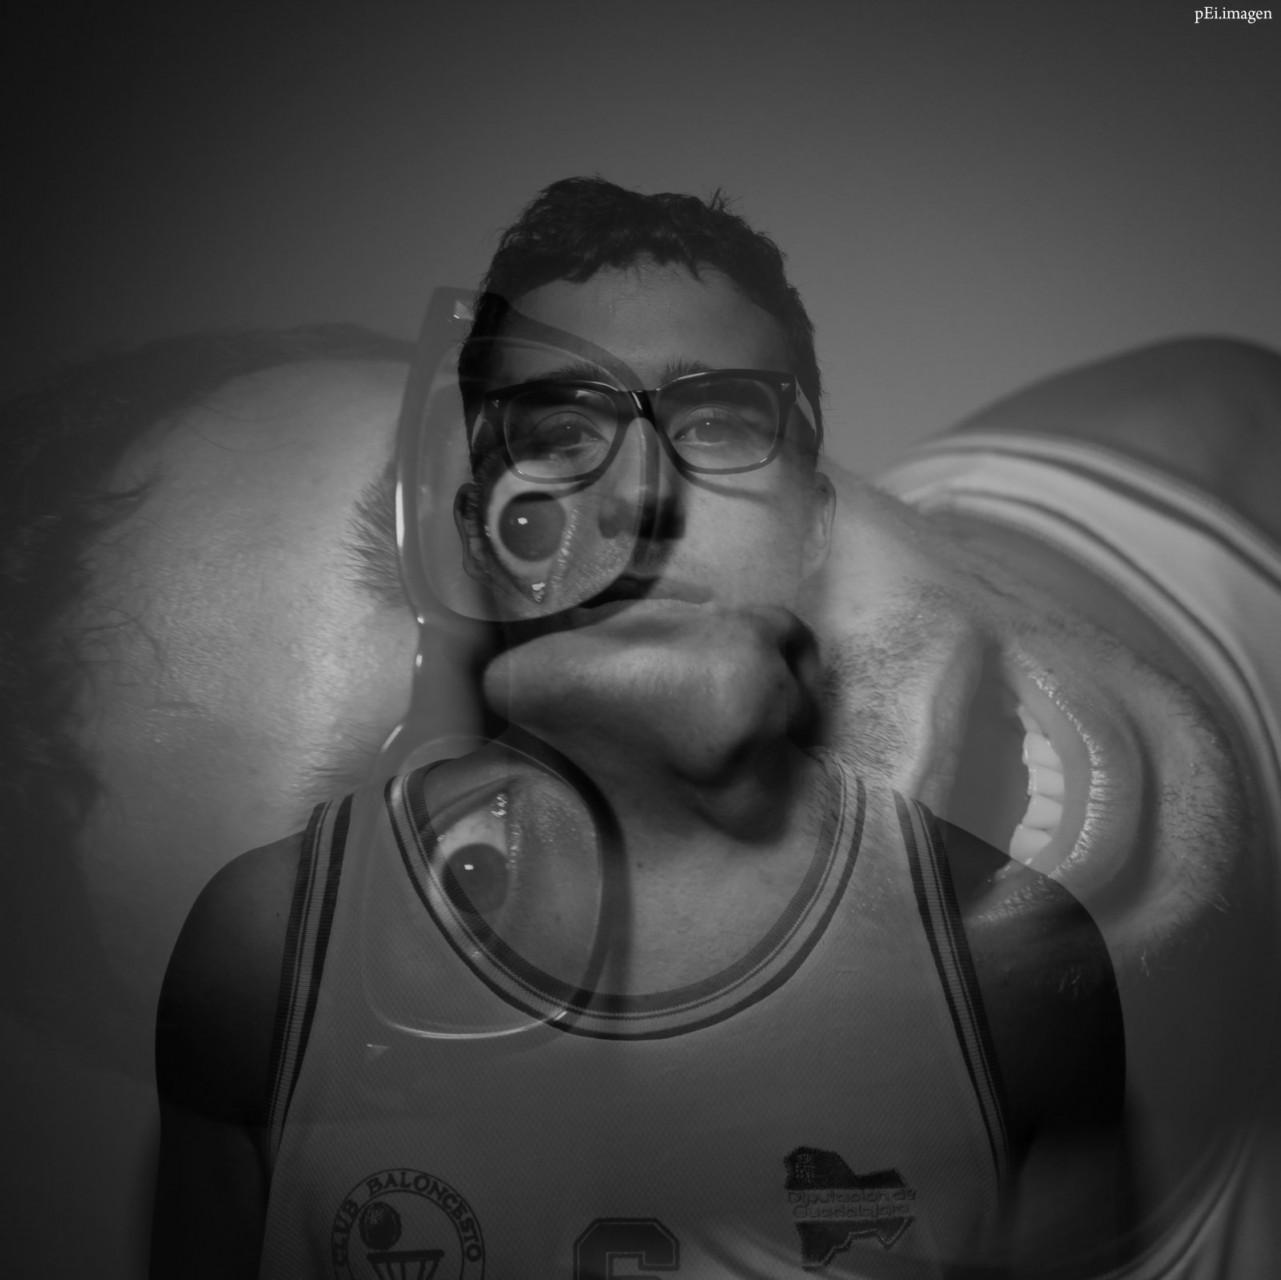 peipegata me myself I proyectos fotografia peipegatafotografia # 099 Nacho Dominguez